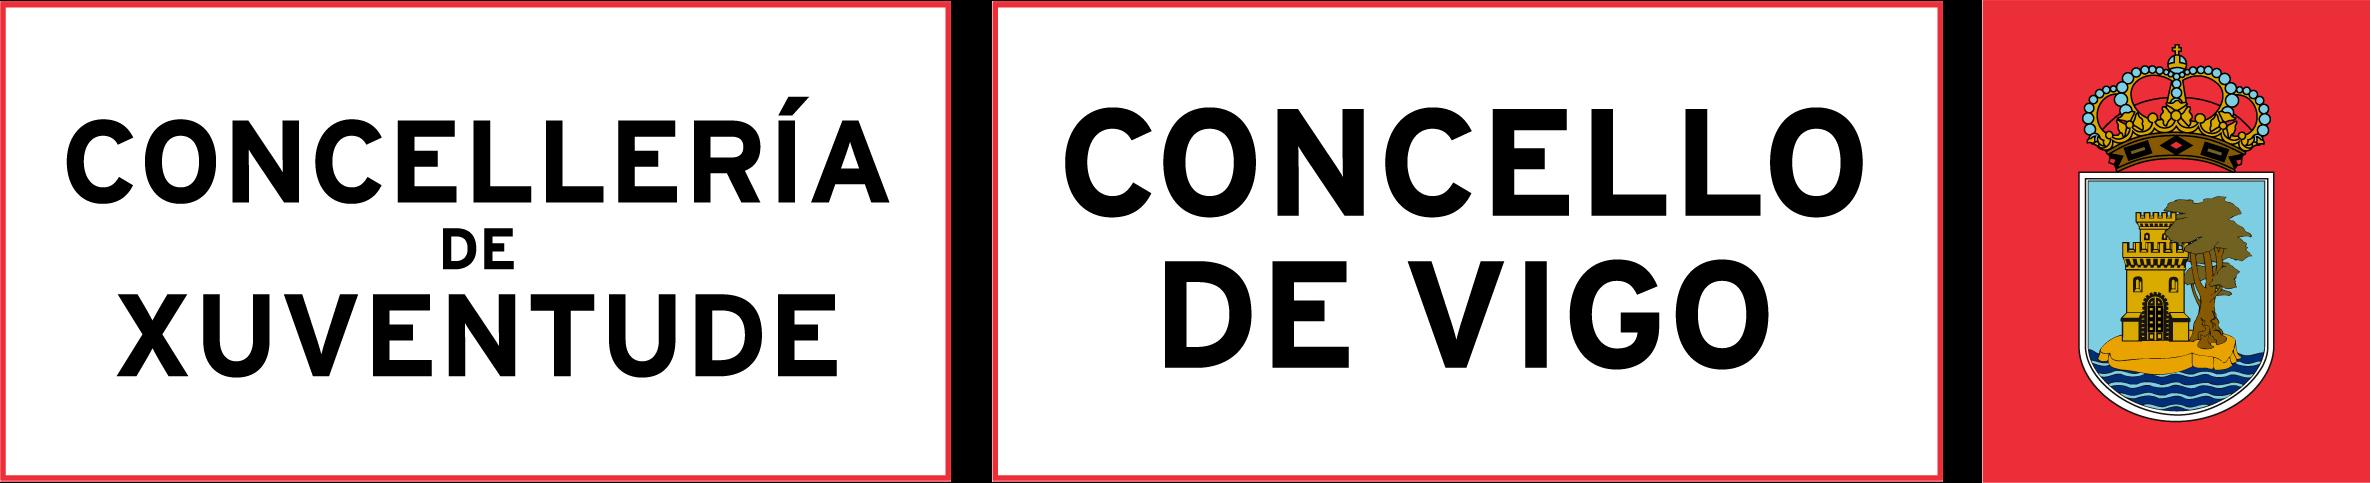 Concellería de Xuventude | Concello de Vigo